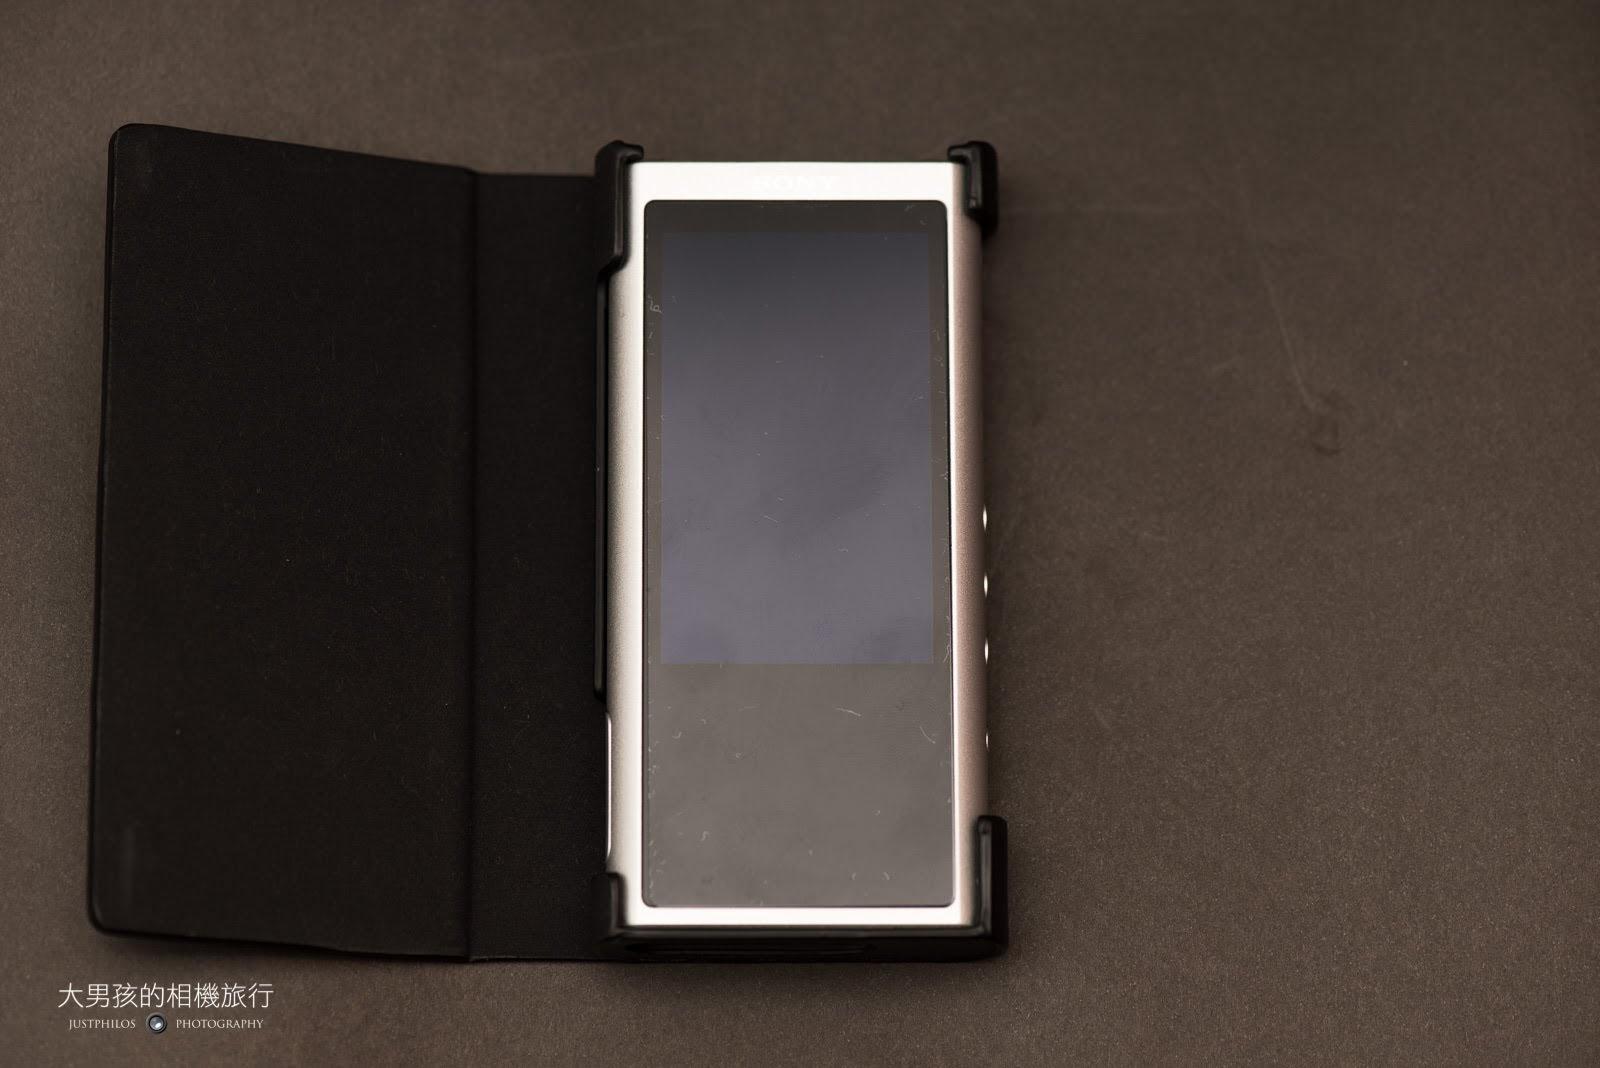 如果怕ZX-300不小心碰撞損傷,Sony也有客製的皮製外殼,相當堅固與有質感。